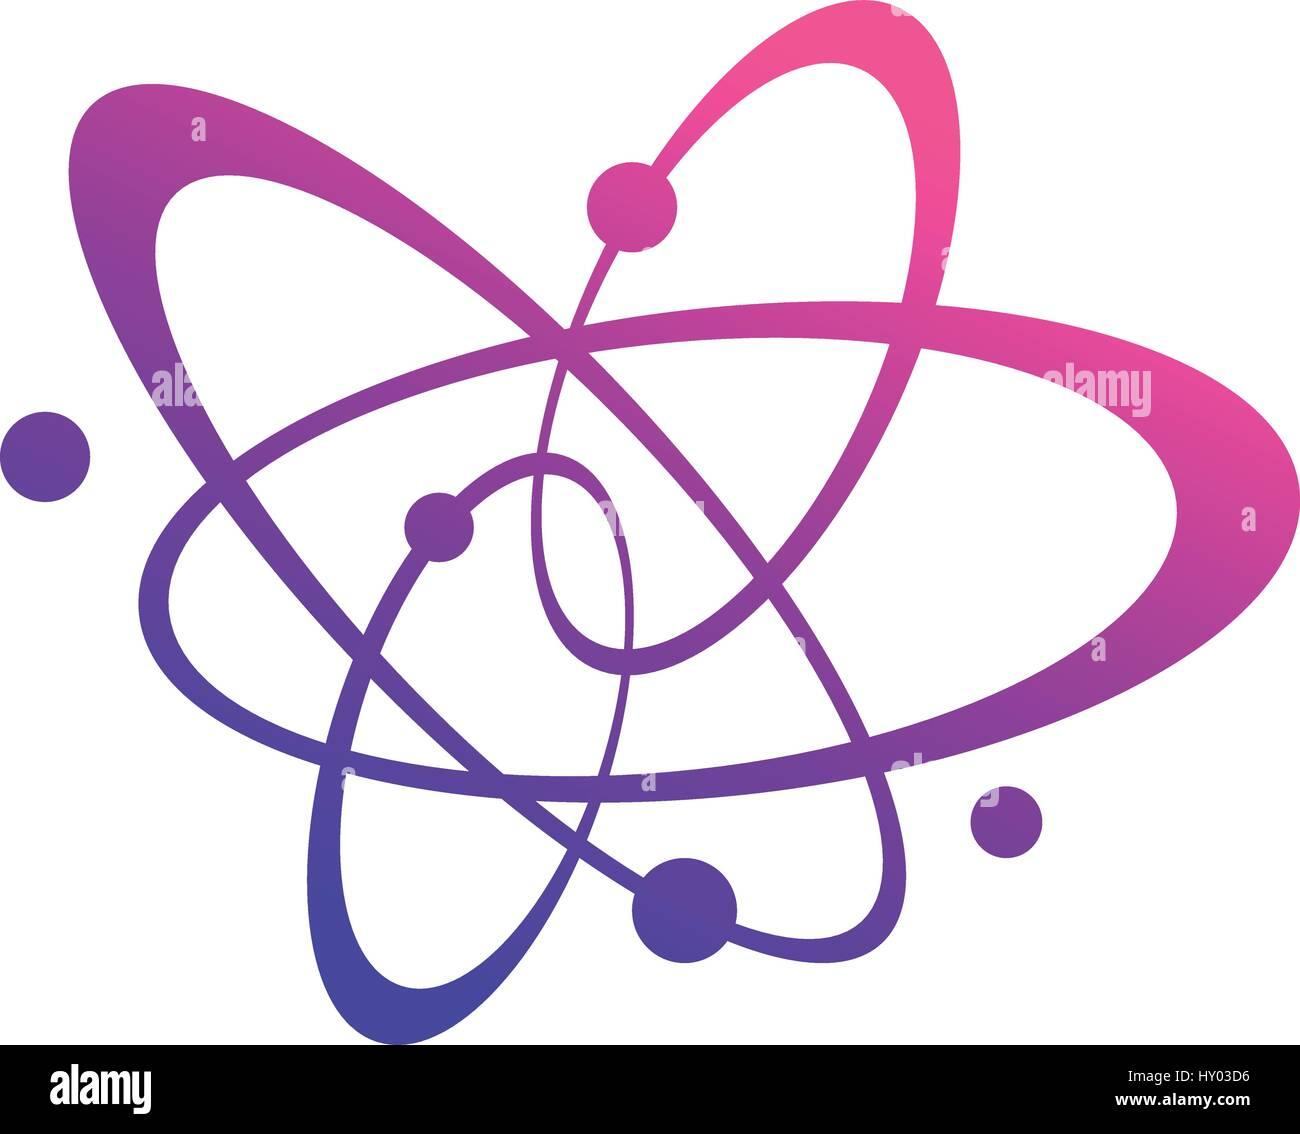 Atom orbiting design, vector illustration - Stock Vector